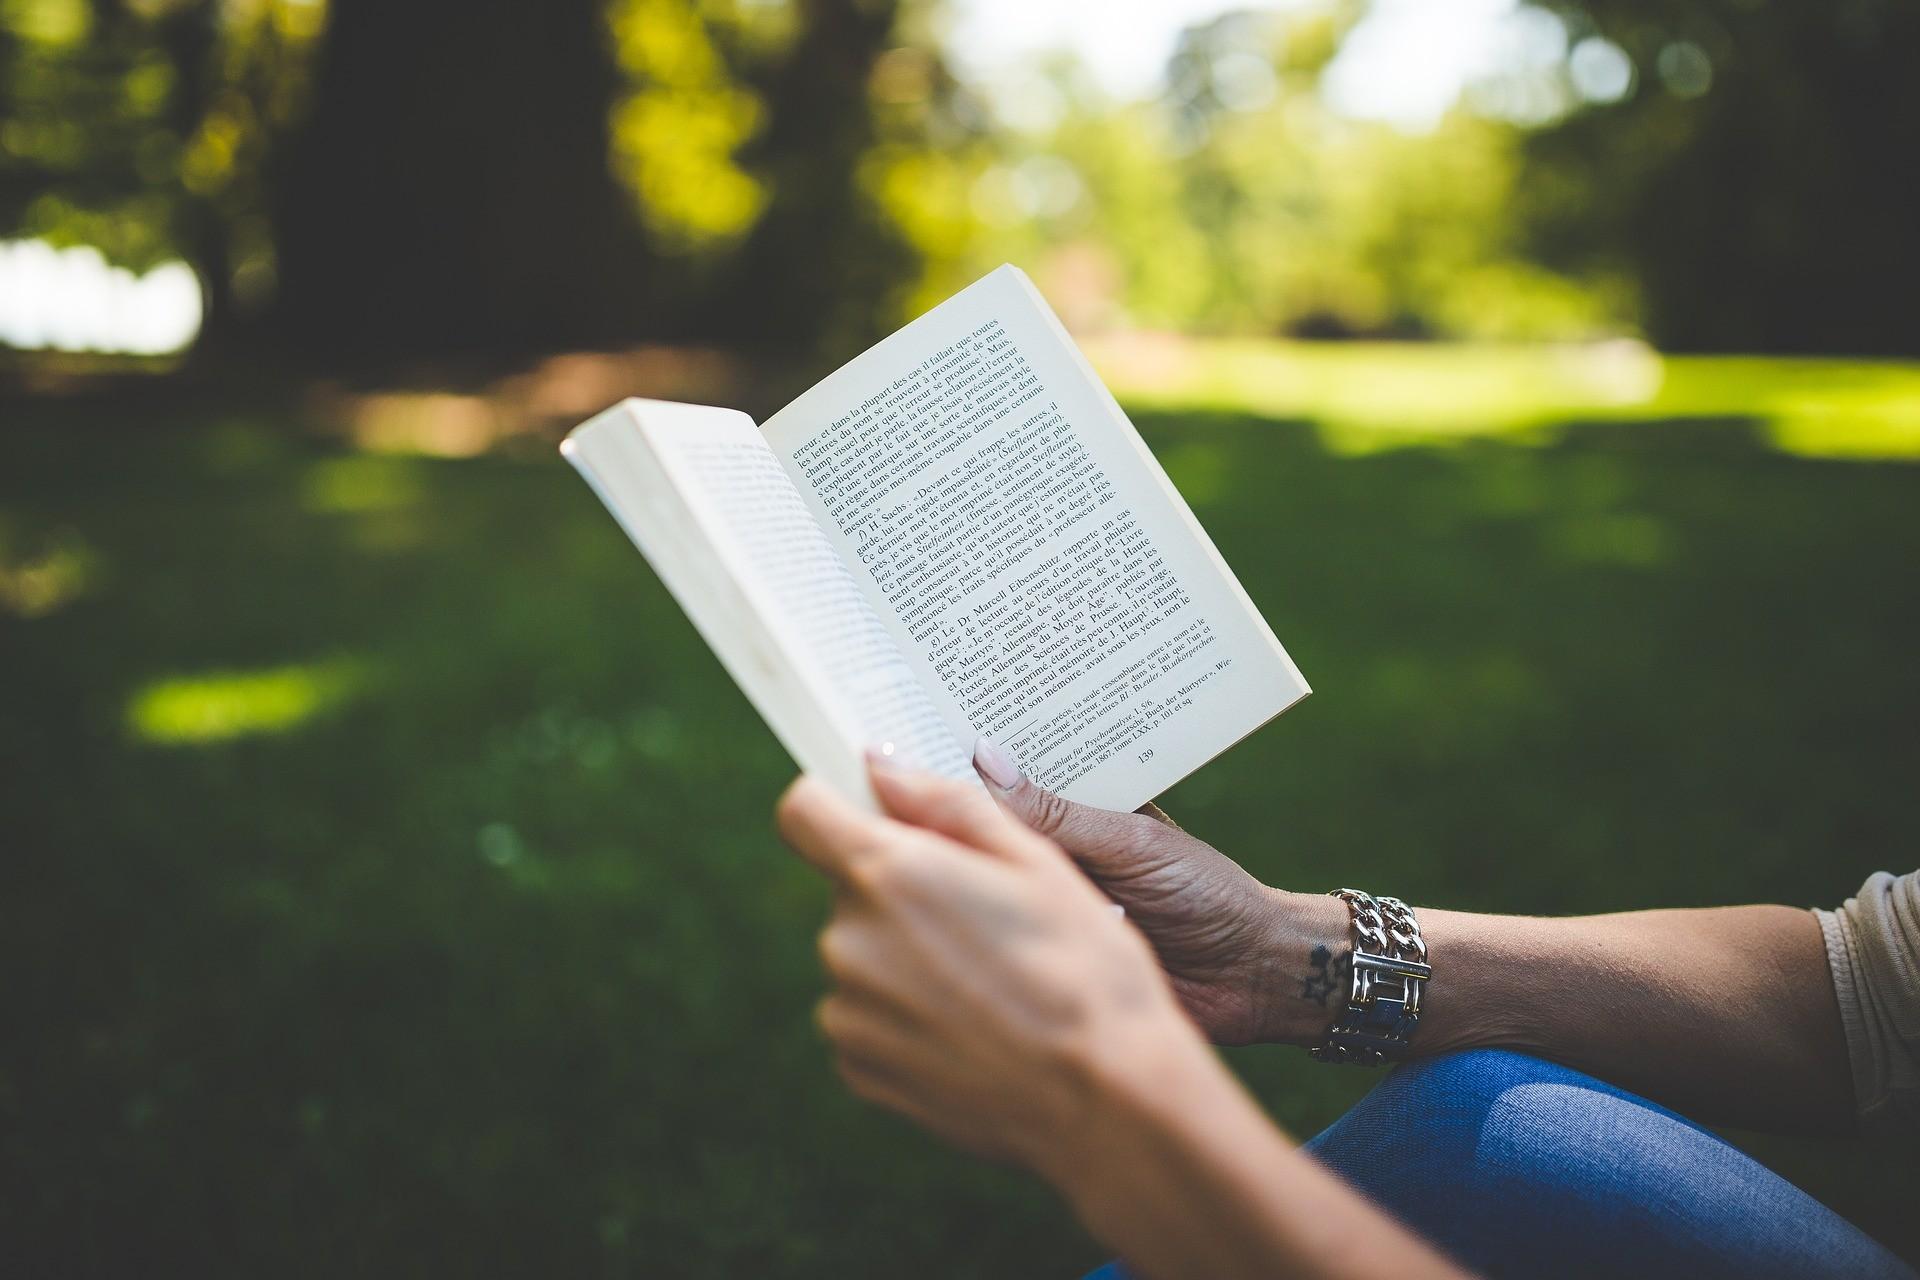 Dicas de livros para o fim do ano (Foto: Pixabay)